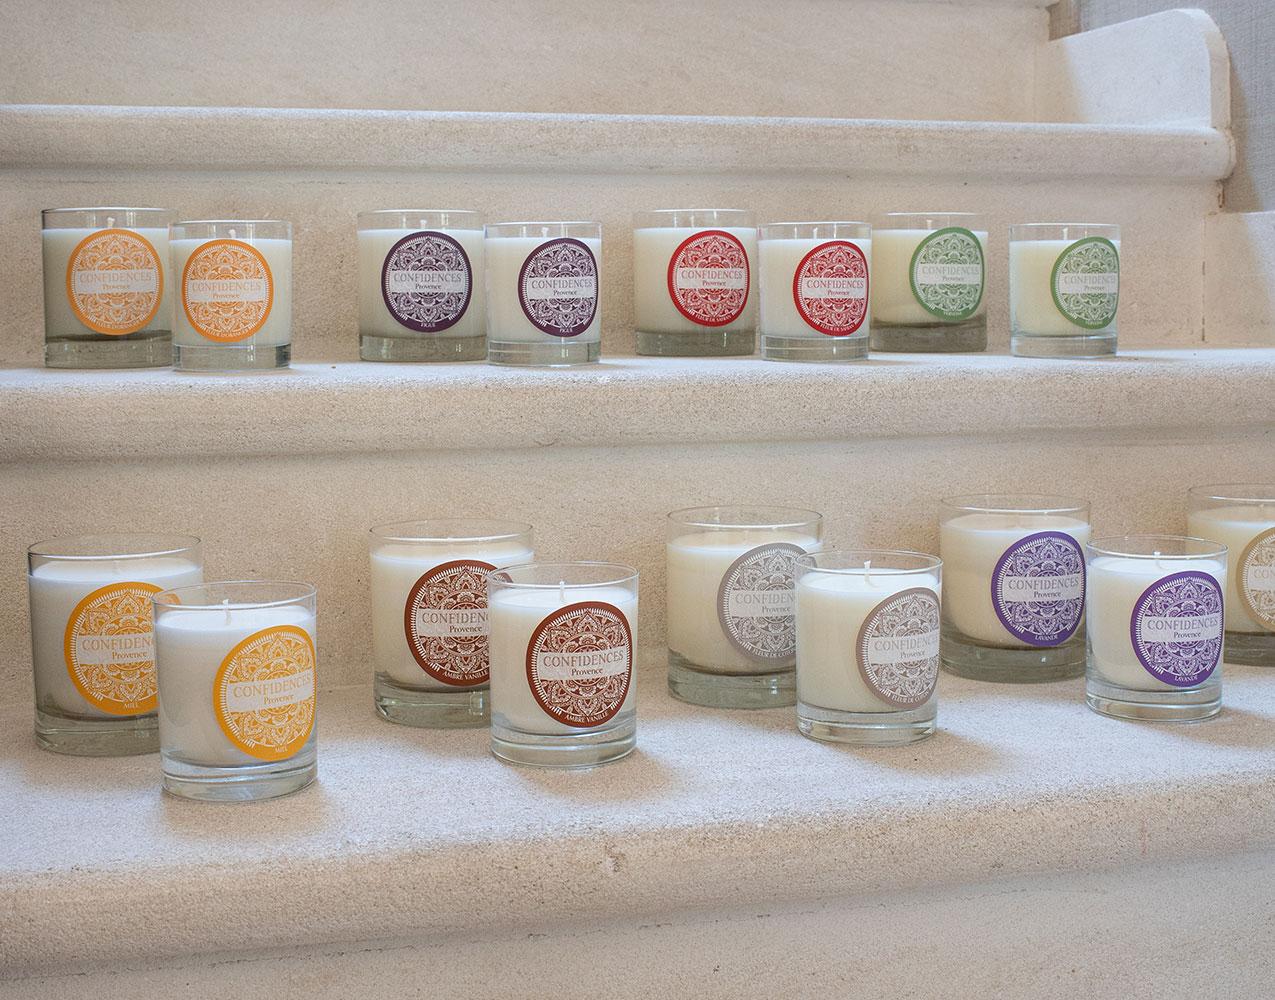 Gamme de bougies artisanales fabriquées en Provence